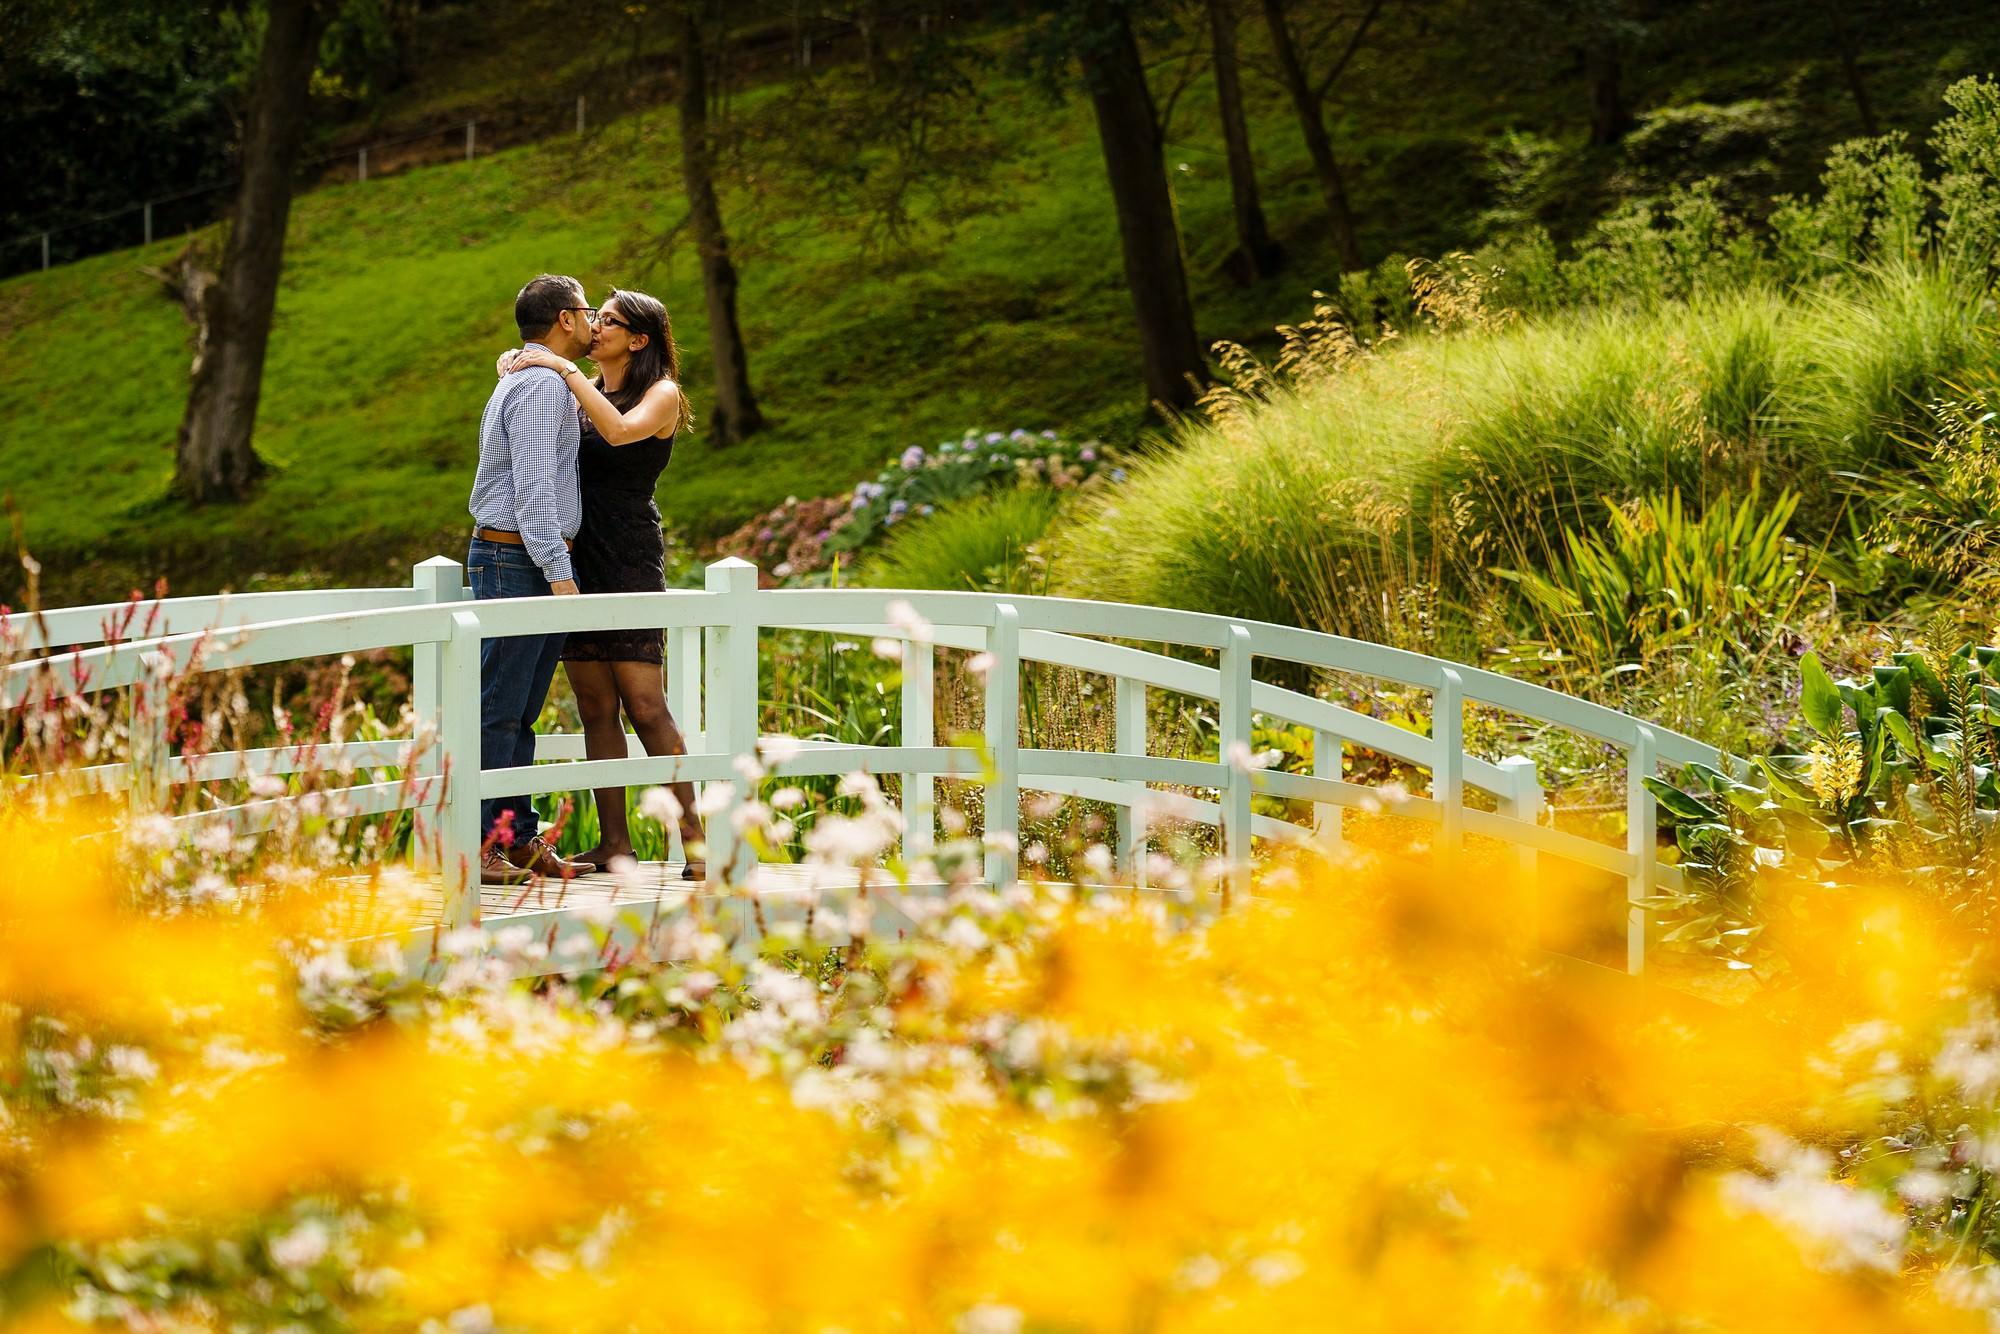 Trebah gardens wedding proposal 16